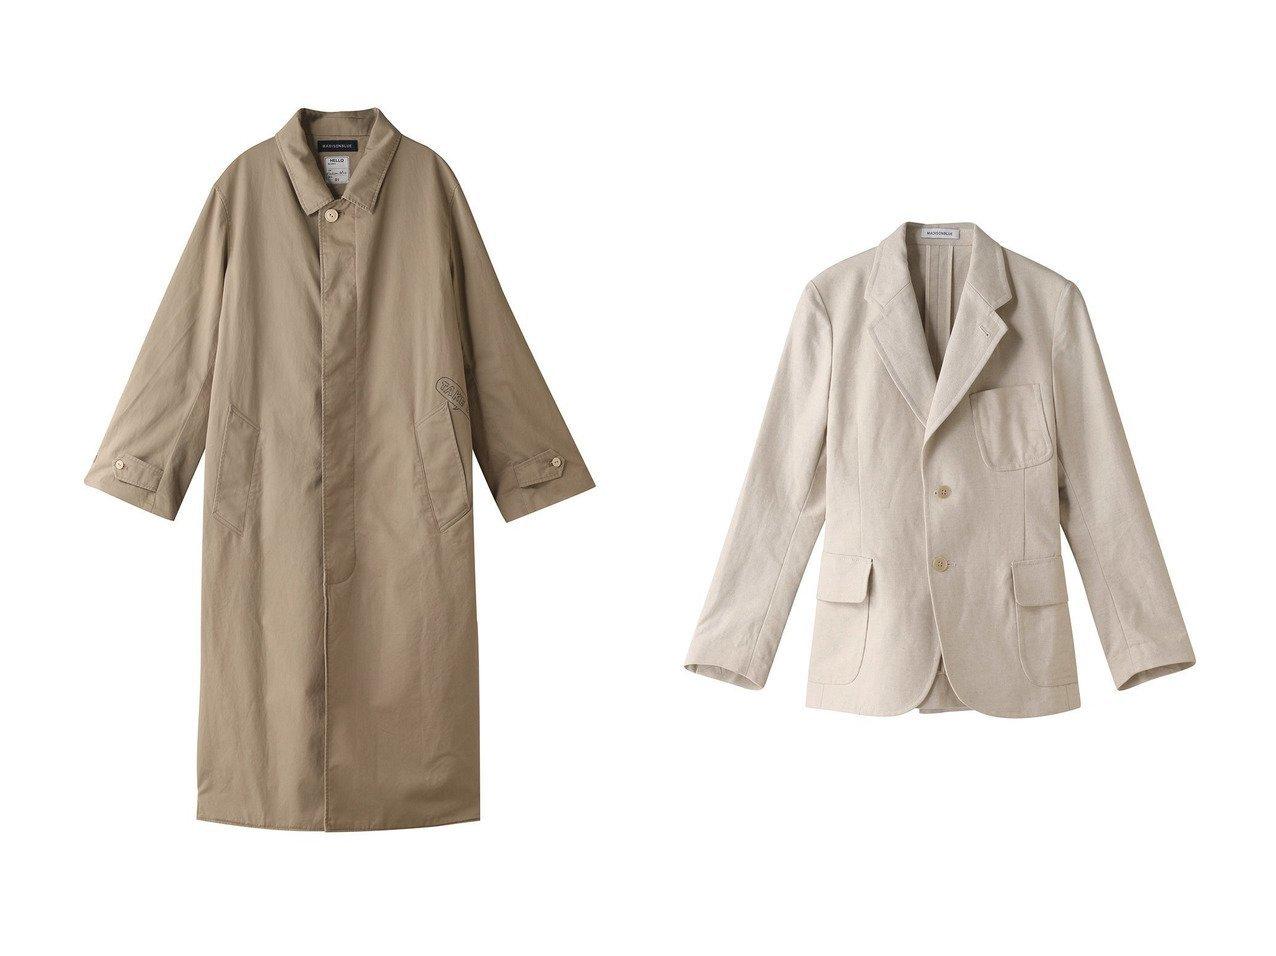 【MADISONBLUE/マディソンブルー】のコットンリネンシャツワンピースコート&コットンリネンシングル2ボタンジャケット MADISONBLUEのおすすめ!人気、トレンド・レディースファッションの通販 おすすめで人気の流行・トレンド、ファッションの通販商品 メンズファッション・キッズファッション・インテリア・家具・レディースファッション・服の通販 founy(ファニー) https://founy.com/ ファッション Fashion レディースファッション WOMEN アウター Coat Outerwear コート Coats ワンピース Dress シャツワンピース Shirt Dresses ジャケット Jackets 2021年 2021 2021 春夏 S/S SS Spring/Summer 2021 S/S 春夏 SS Spring/Summer コンパクト プリント モチーフ ロング ヴィンテージ 春 Spring |ID:crp329100000016907